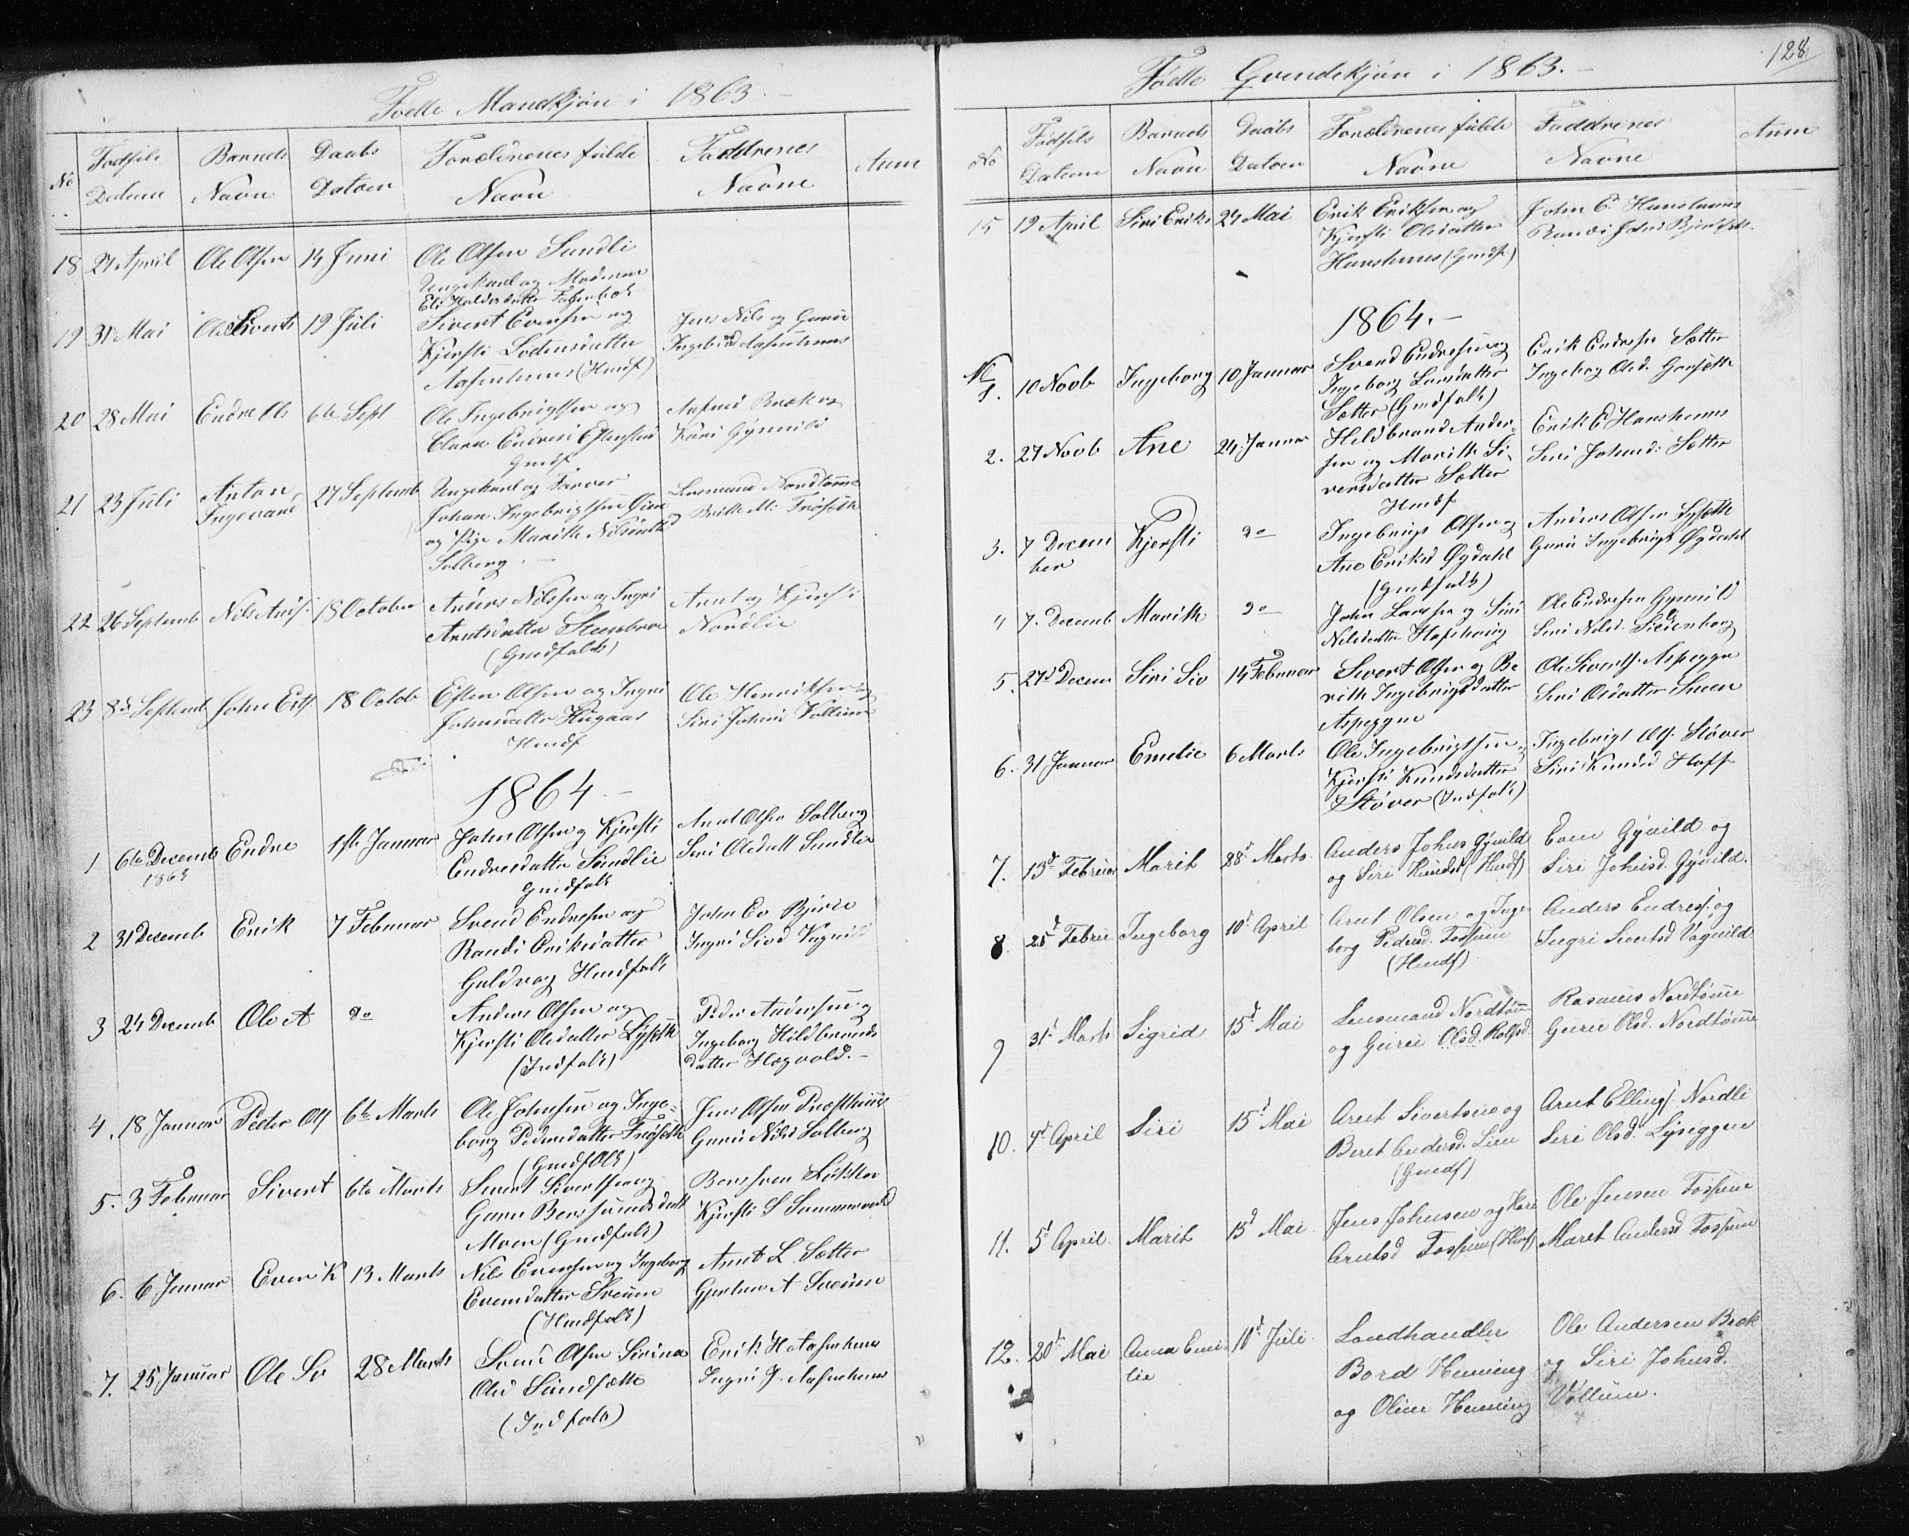 SAT, Ministerialprotokoller, klokkerbøker og fødselsregistre - Sør-Trøndelag, 689/L1043: Klokkerbok nr. 689C02, 1816-1892, s. 128